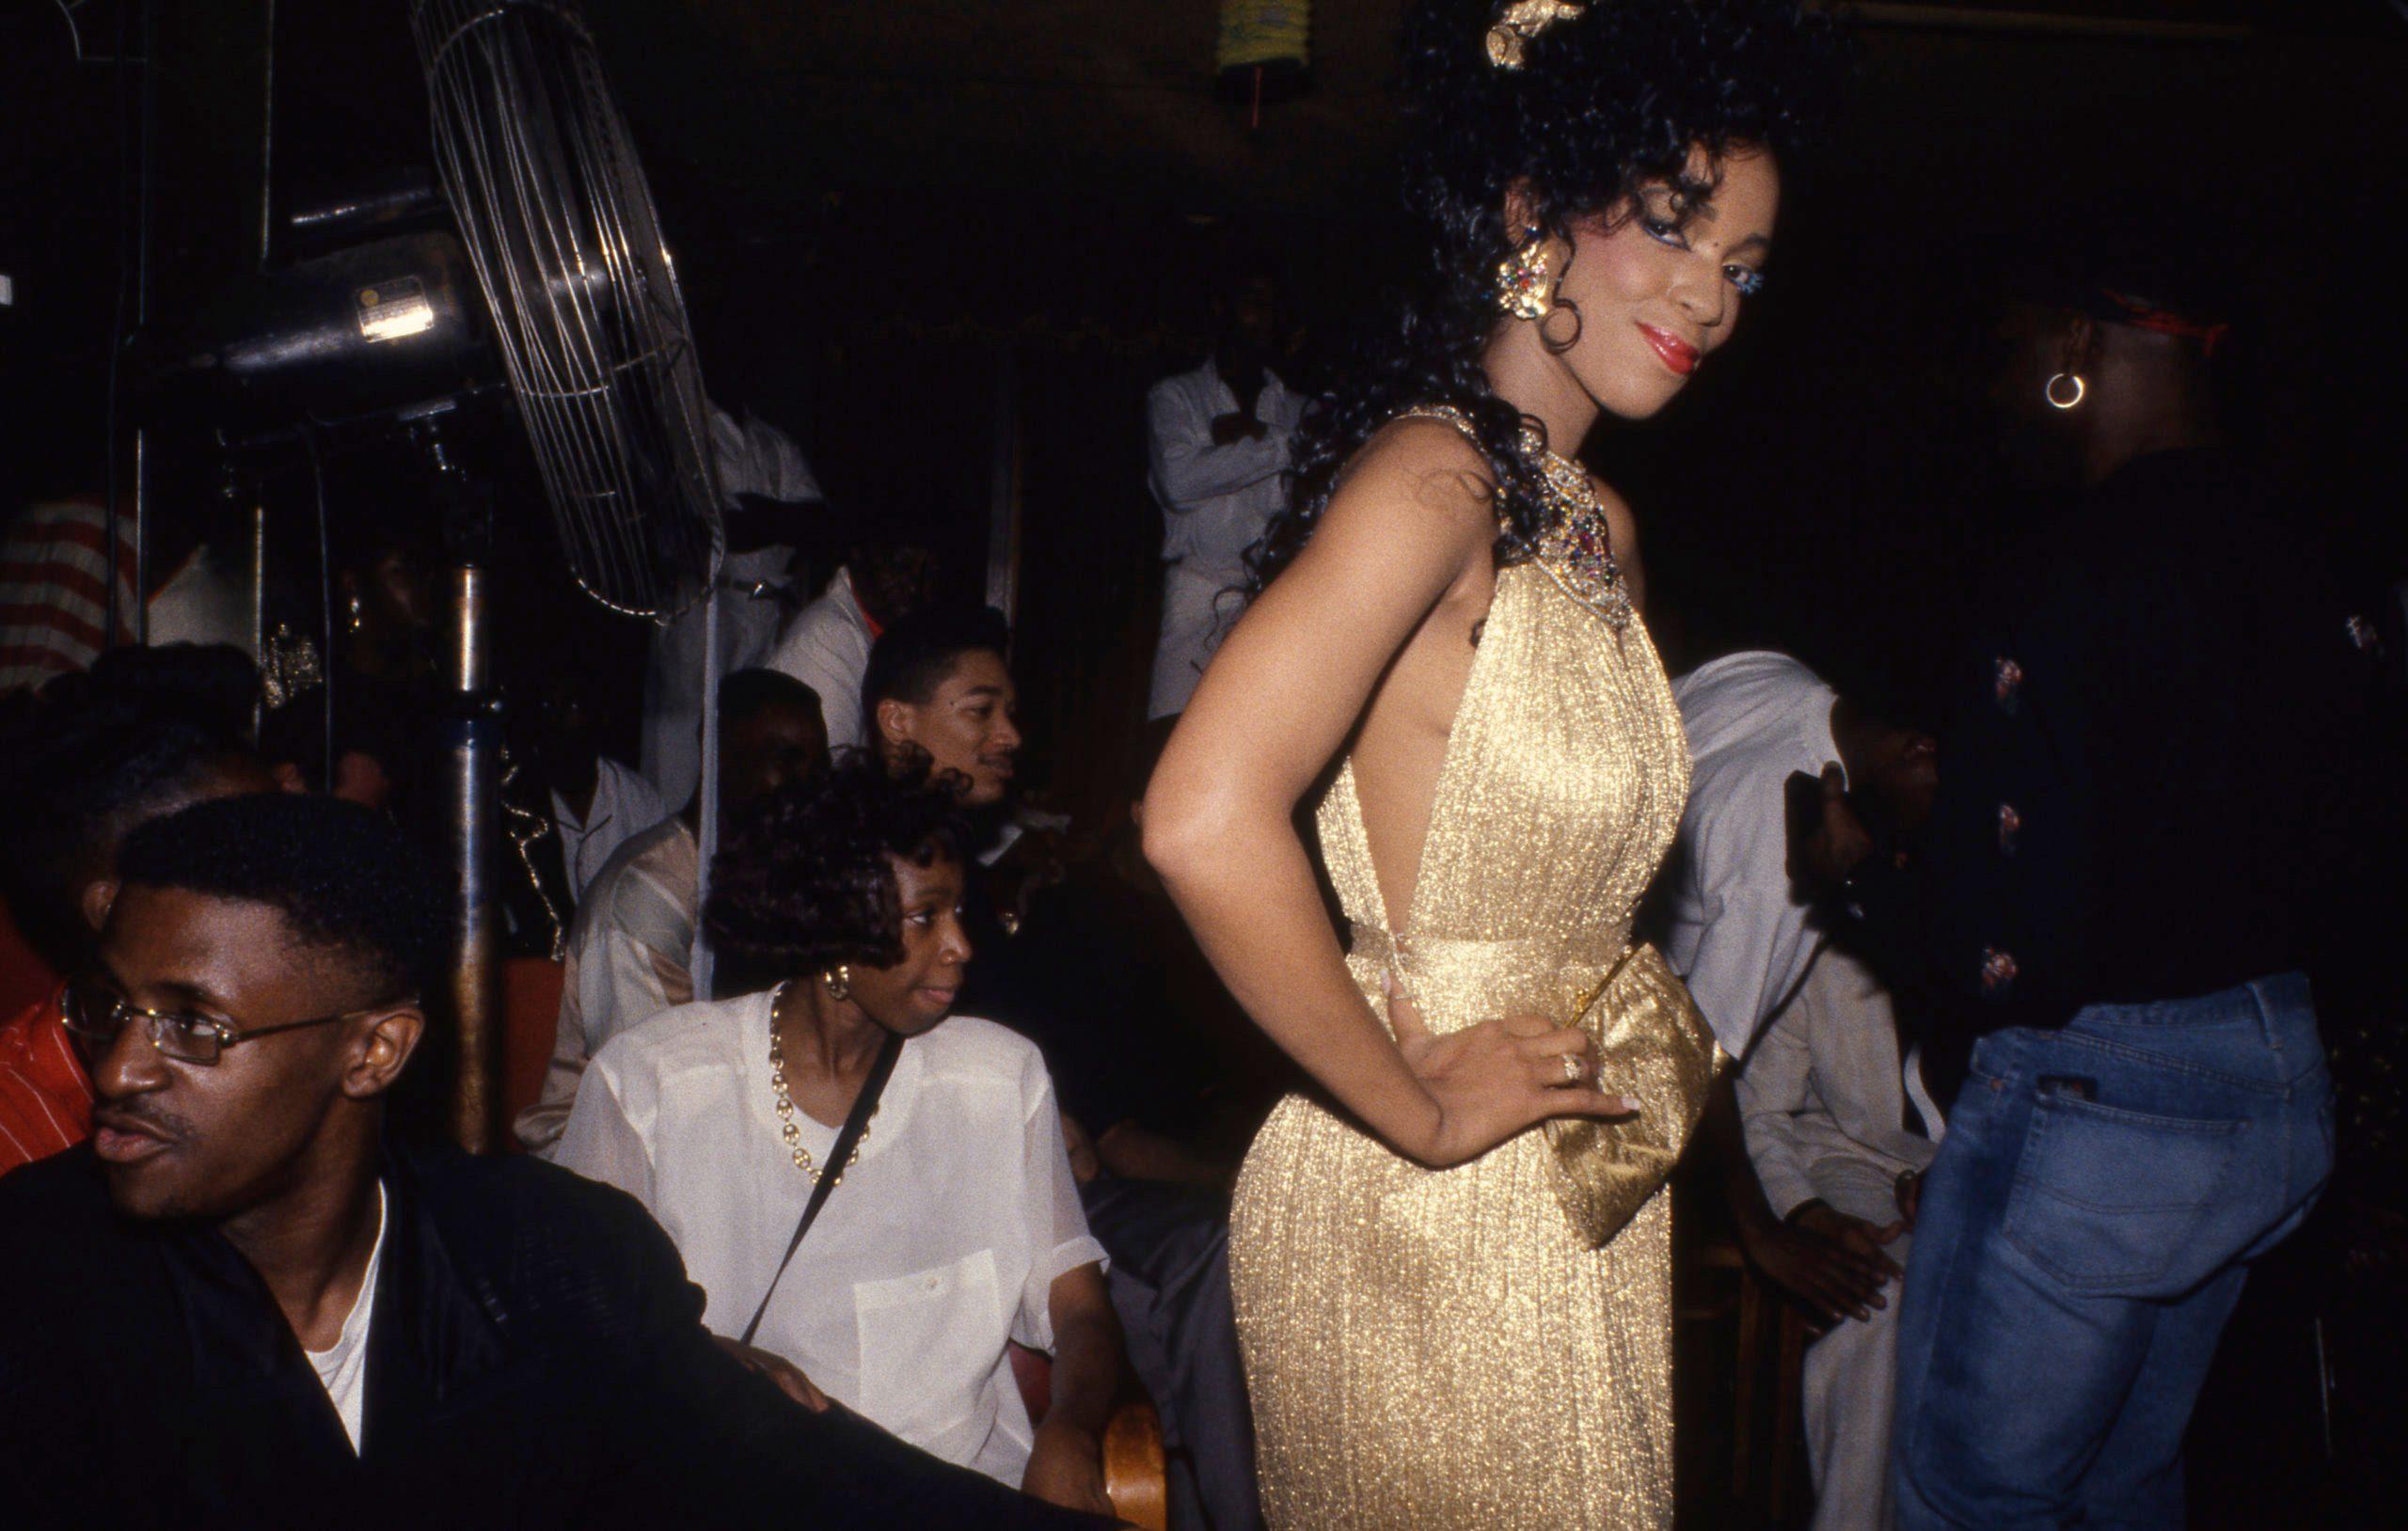 Harlem Drag Ball